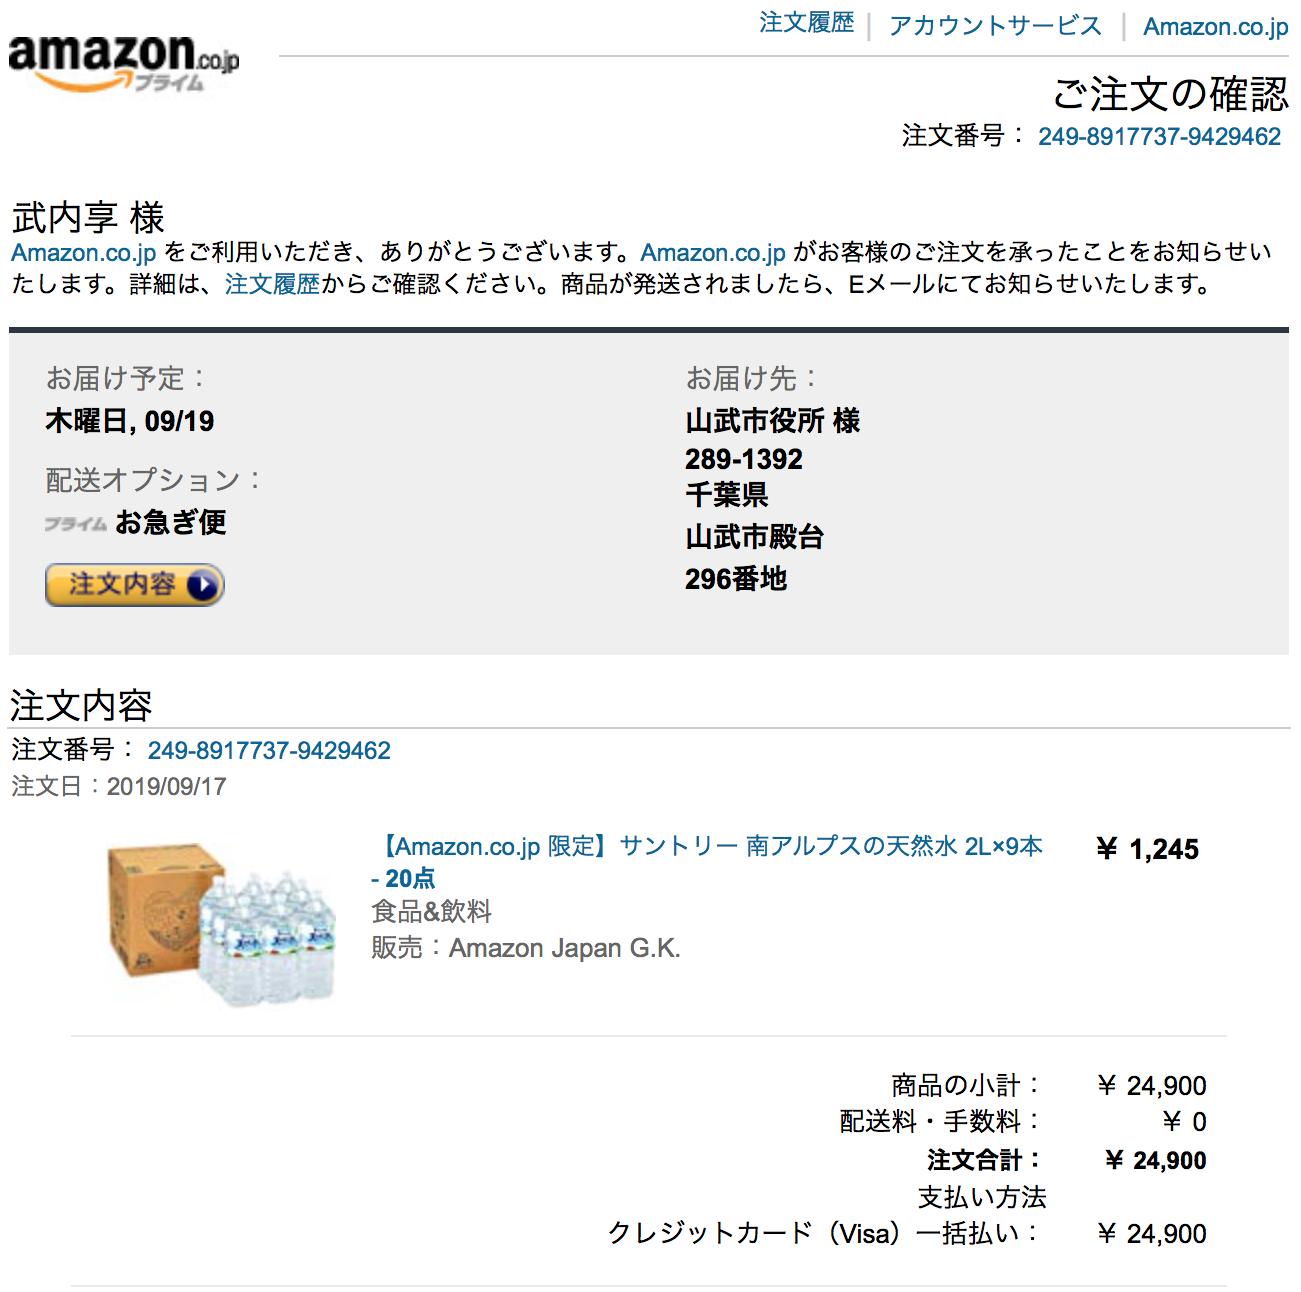 千葉県山武市に水を送りました_d0166925_14493938.png